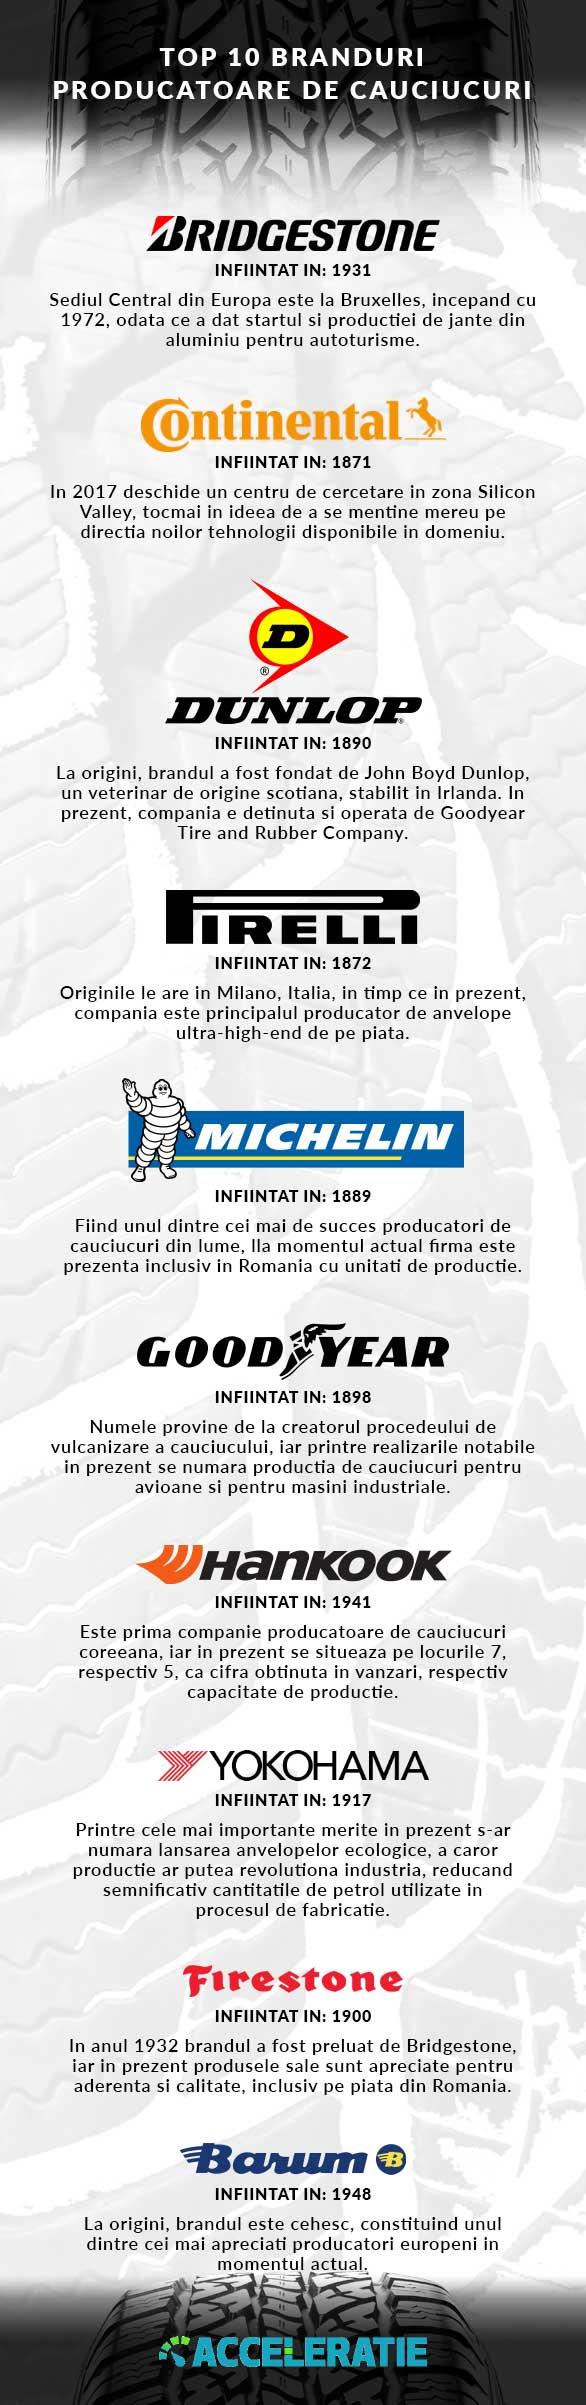 Top 10 Branduri producatoare de cauciucuri - Acceleratie.ro